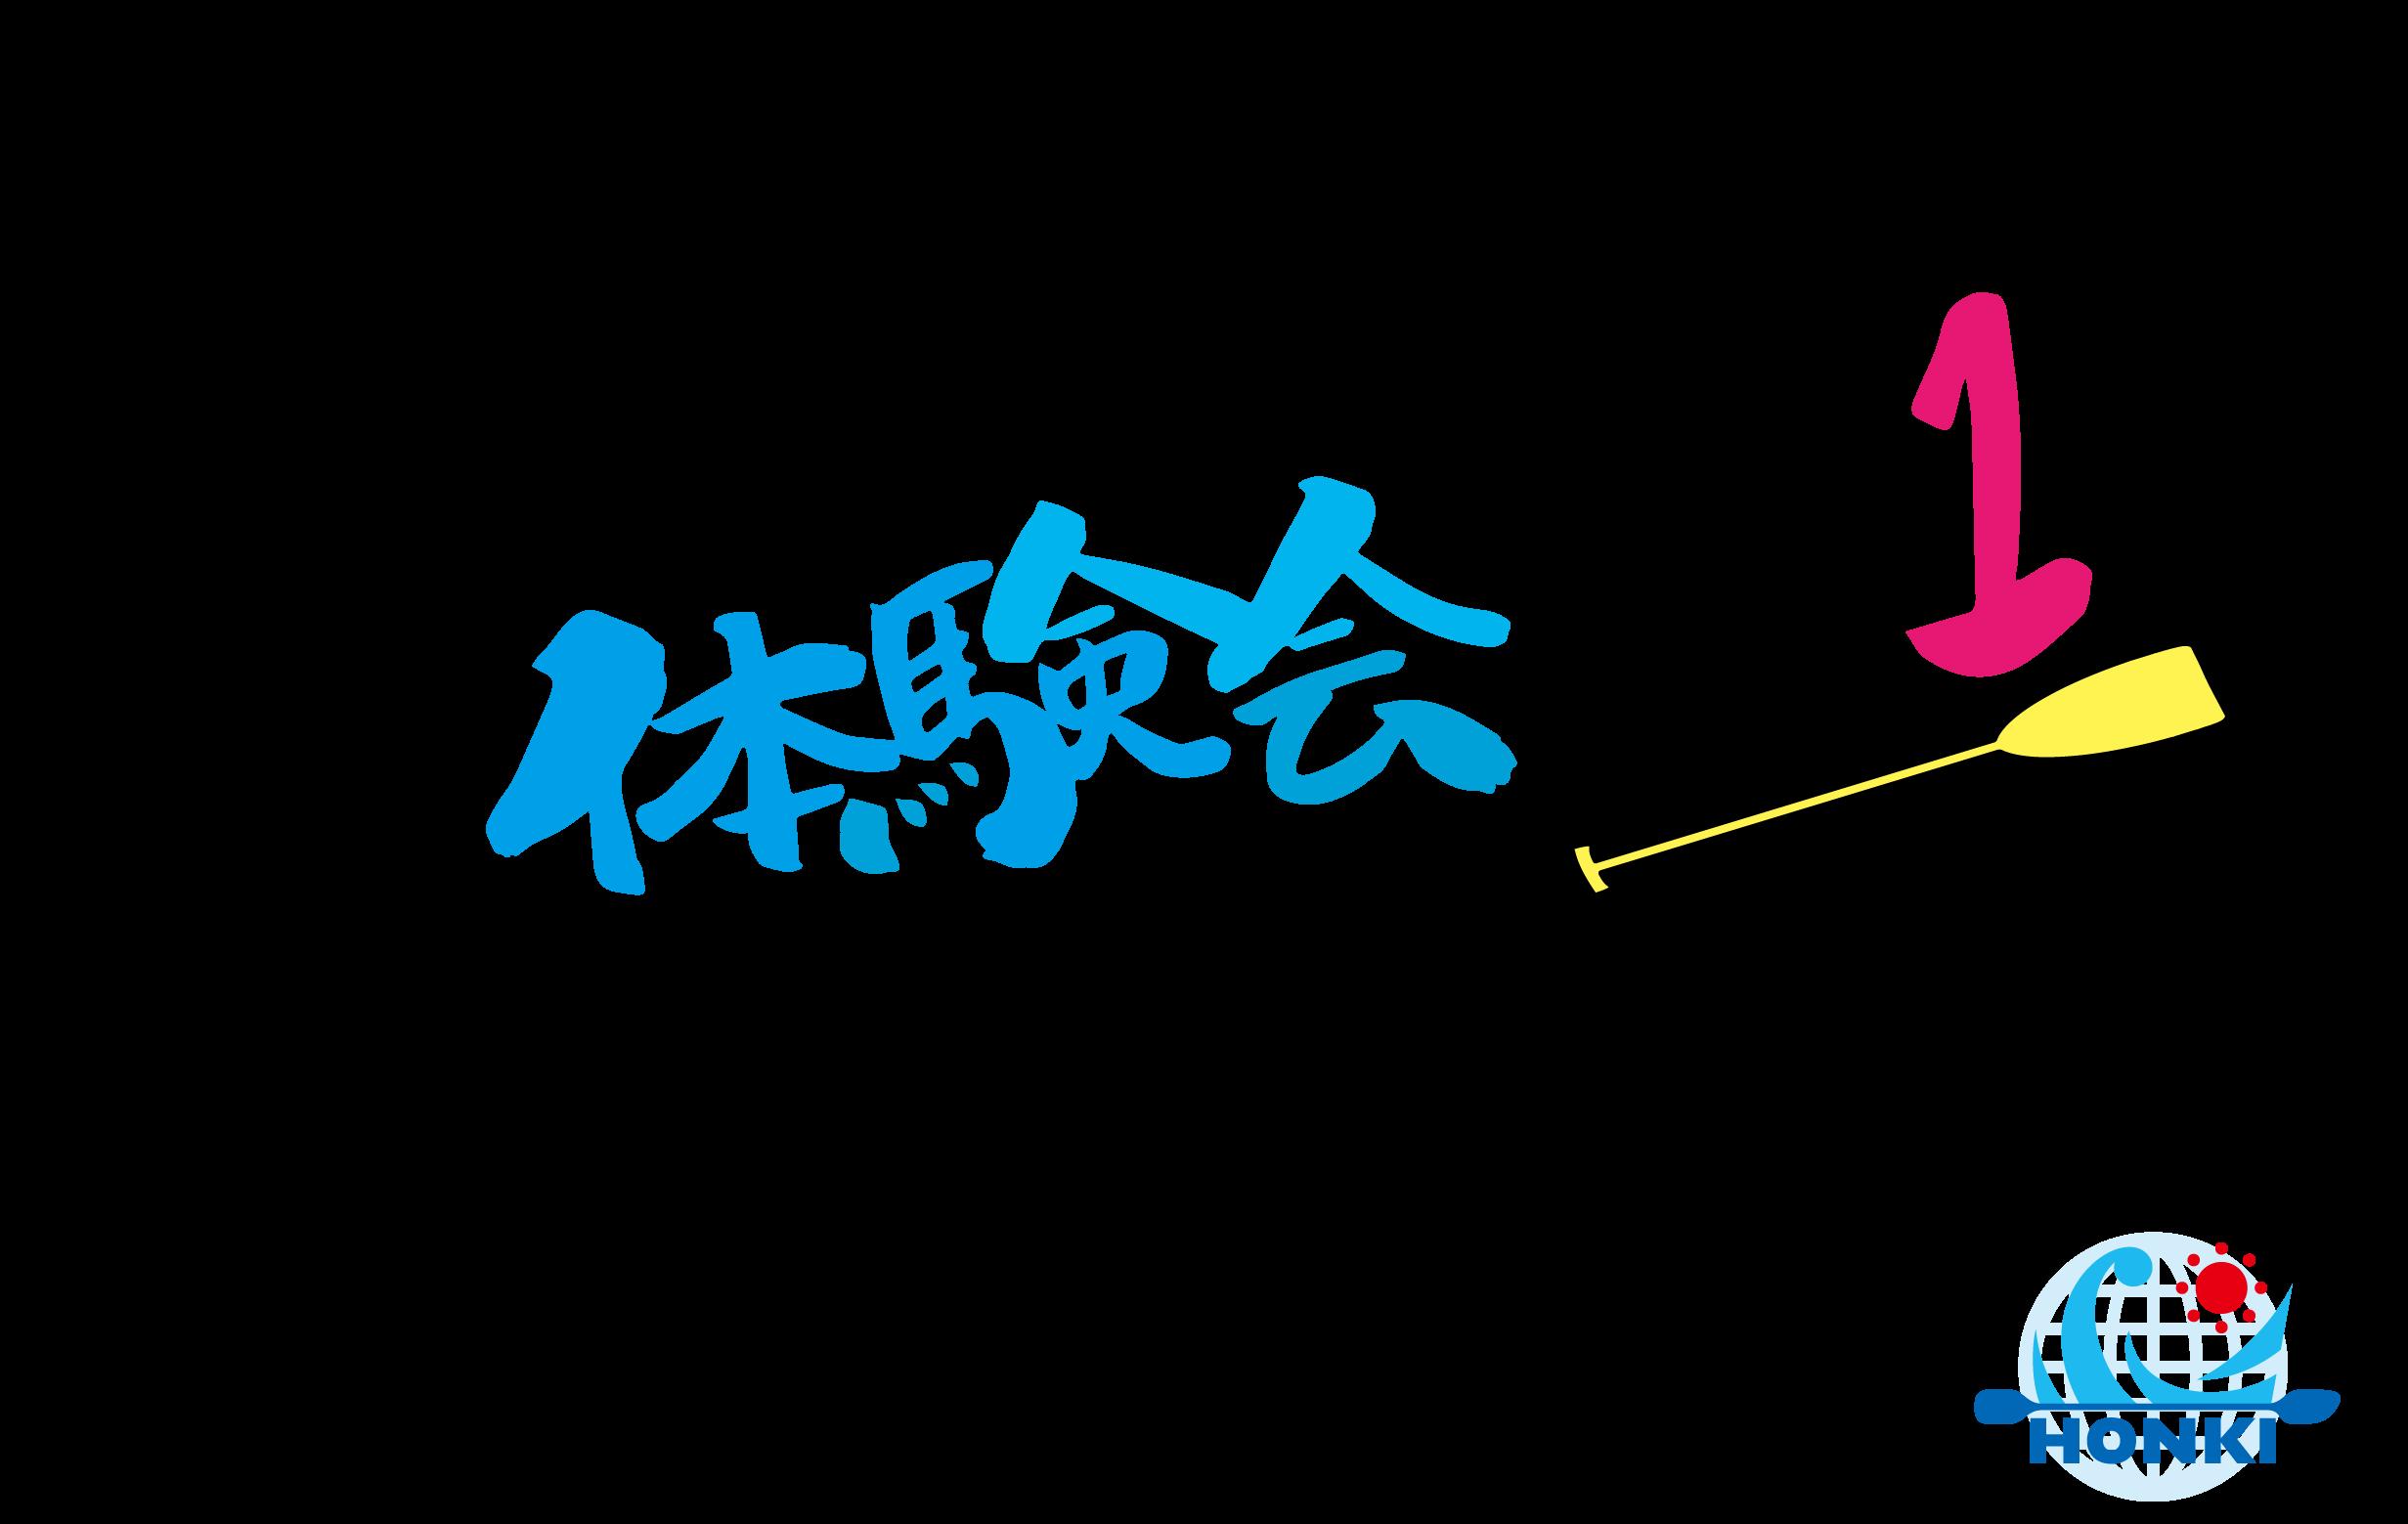 2019年4月活動開始!地球まるごとホンキであそぶ!「HONKI University B&G海洋クラブ」とは?!